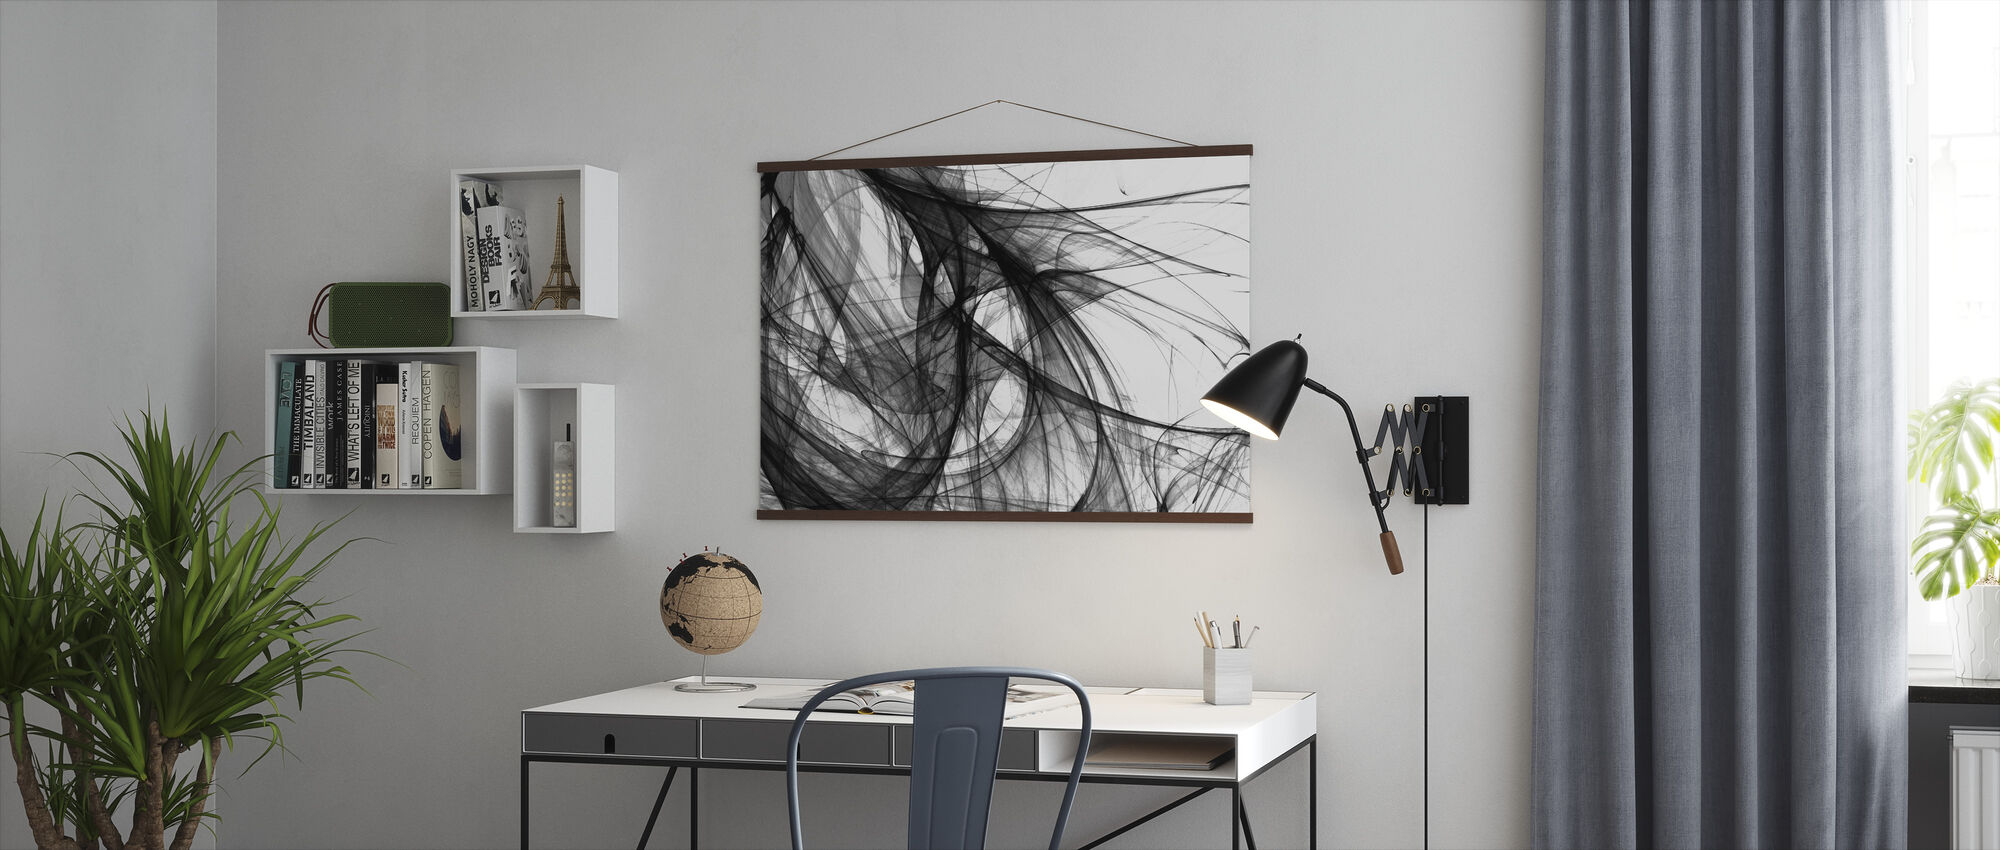 Inner Light - b/w - Poster - Office